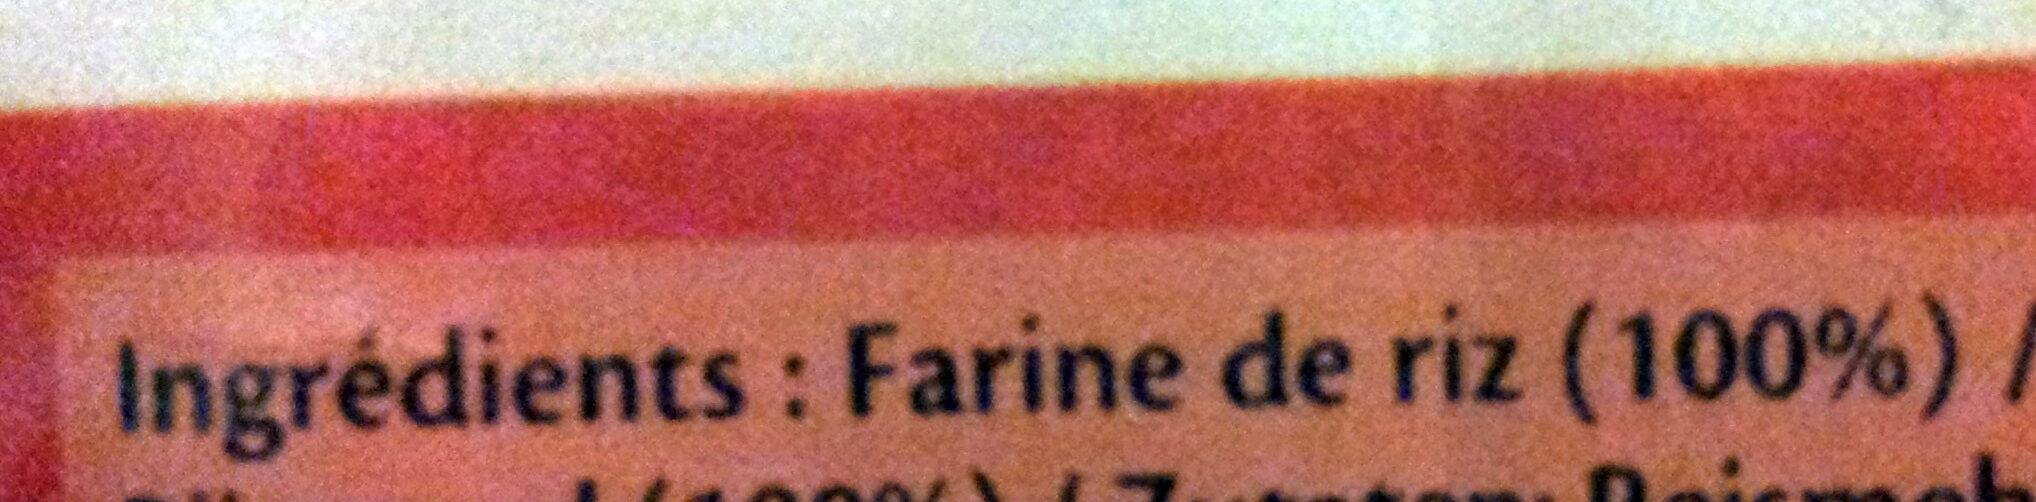 Vermicelles de riz - Ingrédients - fr